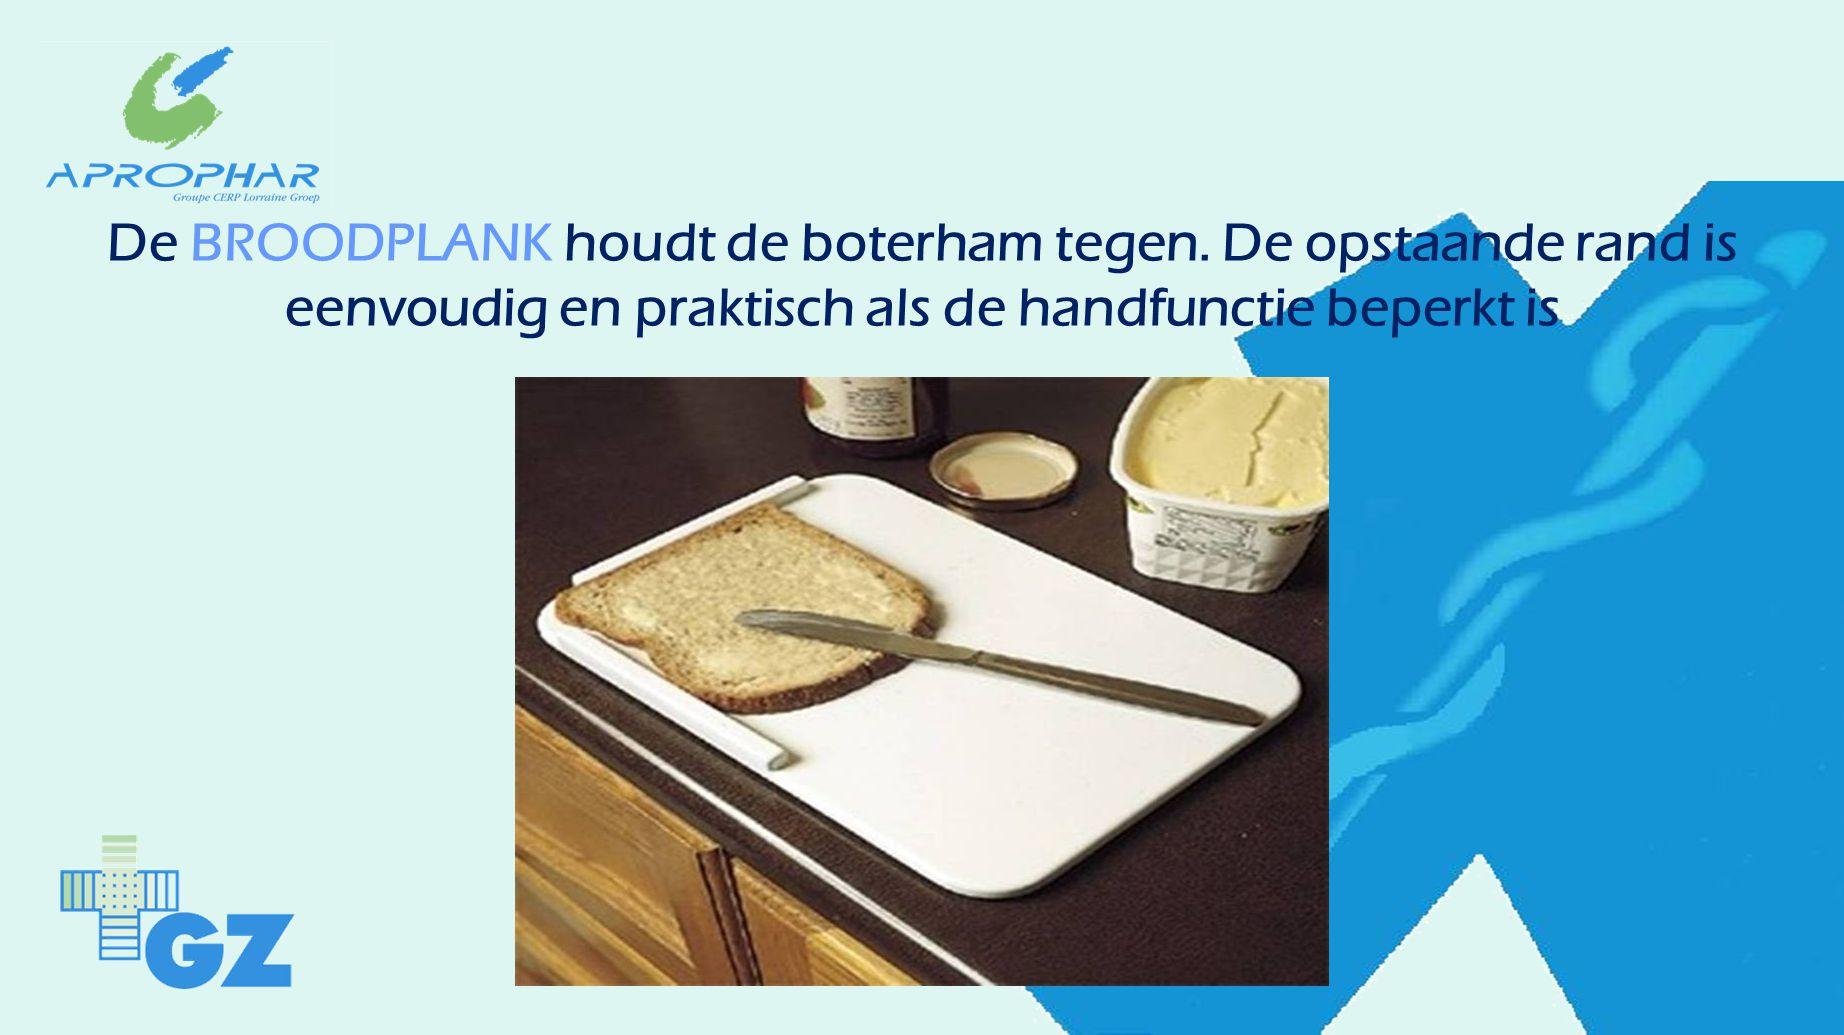 De BROODPLANK houdt de boterham tegen.